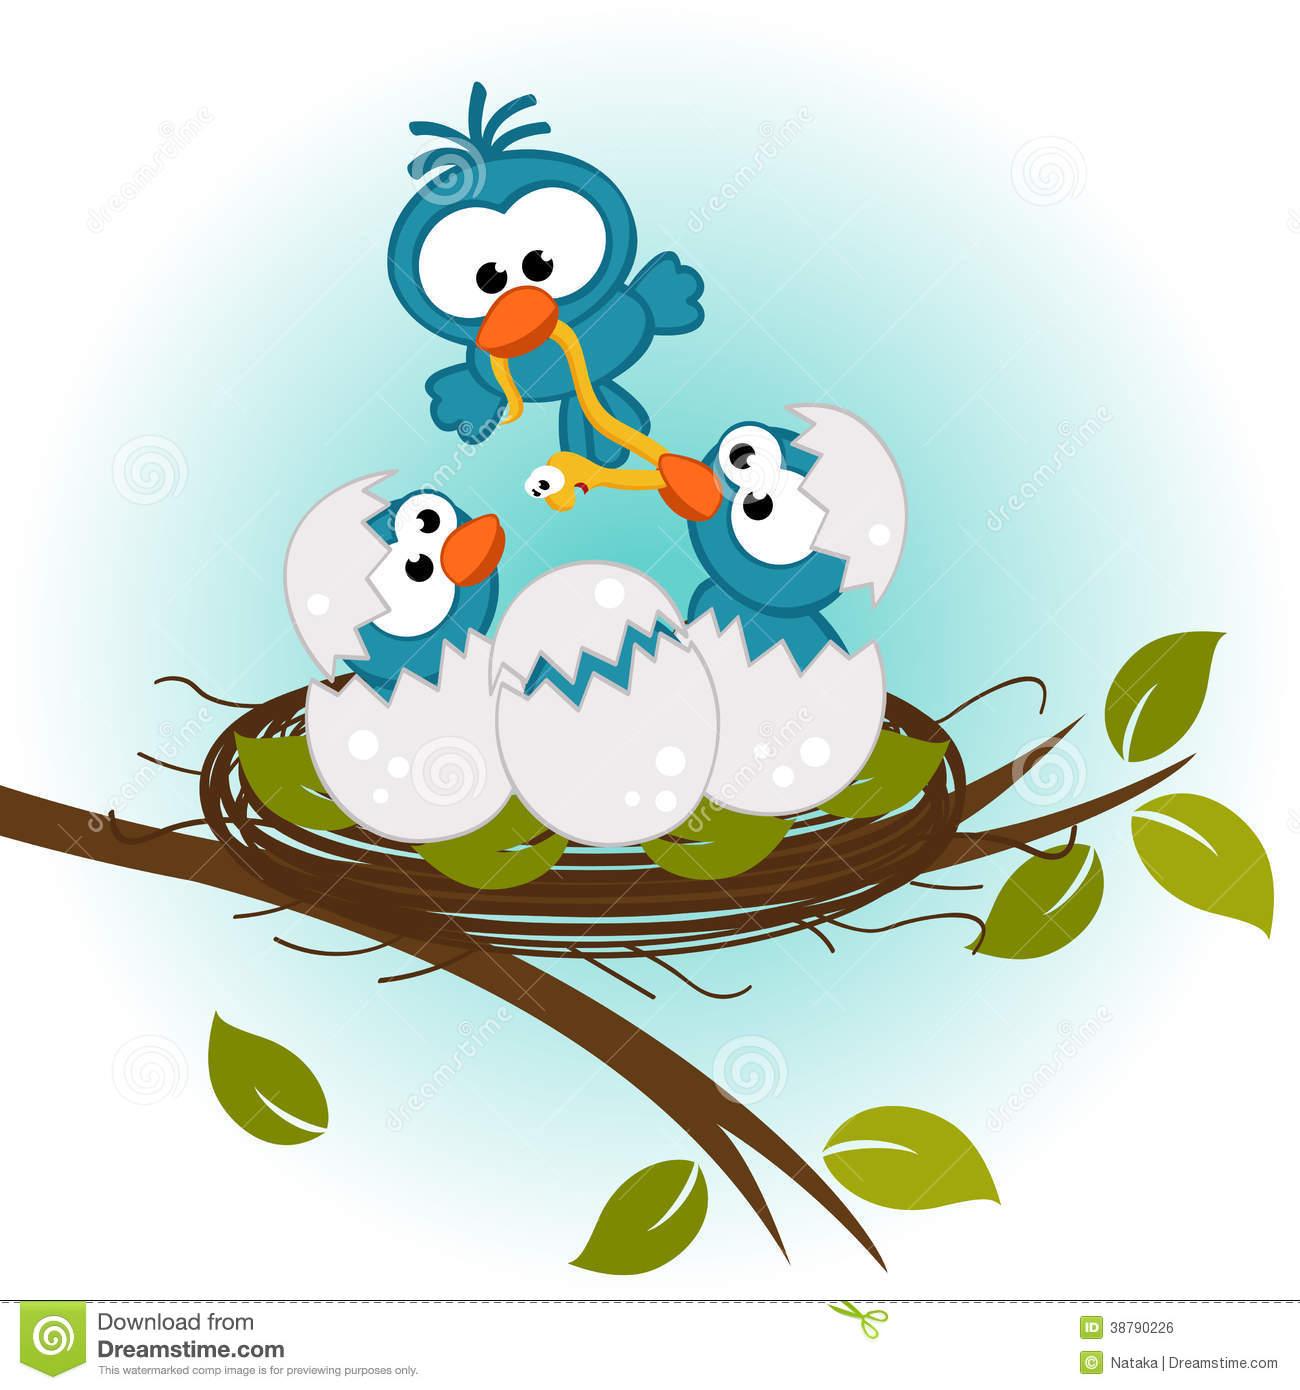 Nest clipart mother bird #3